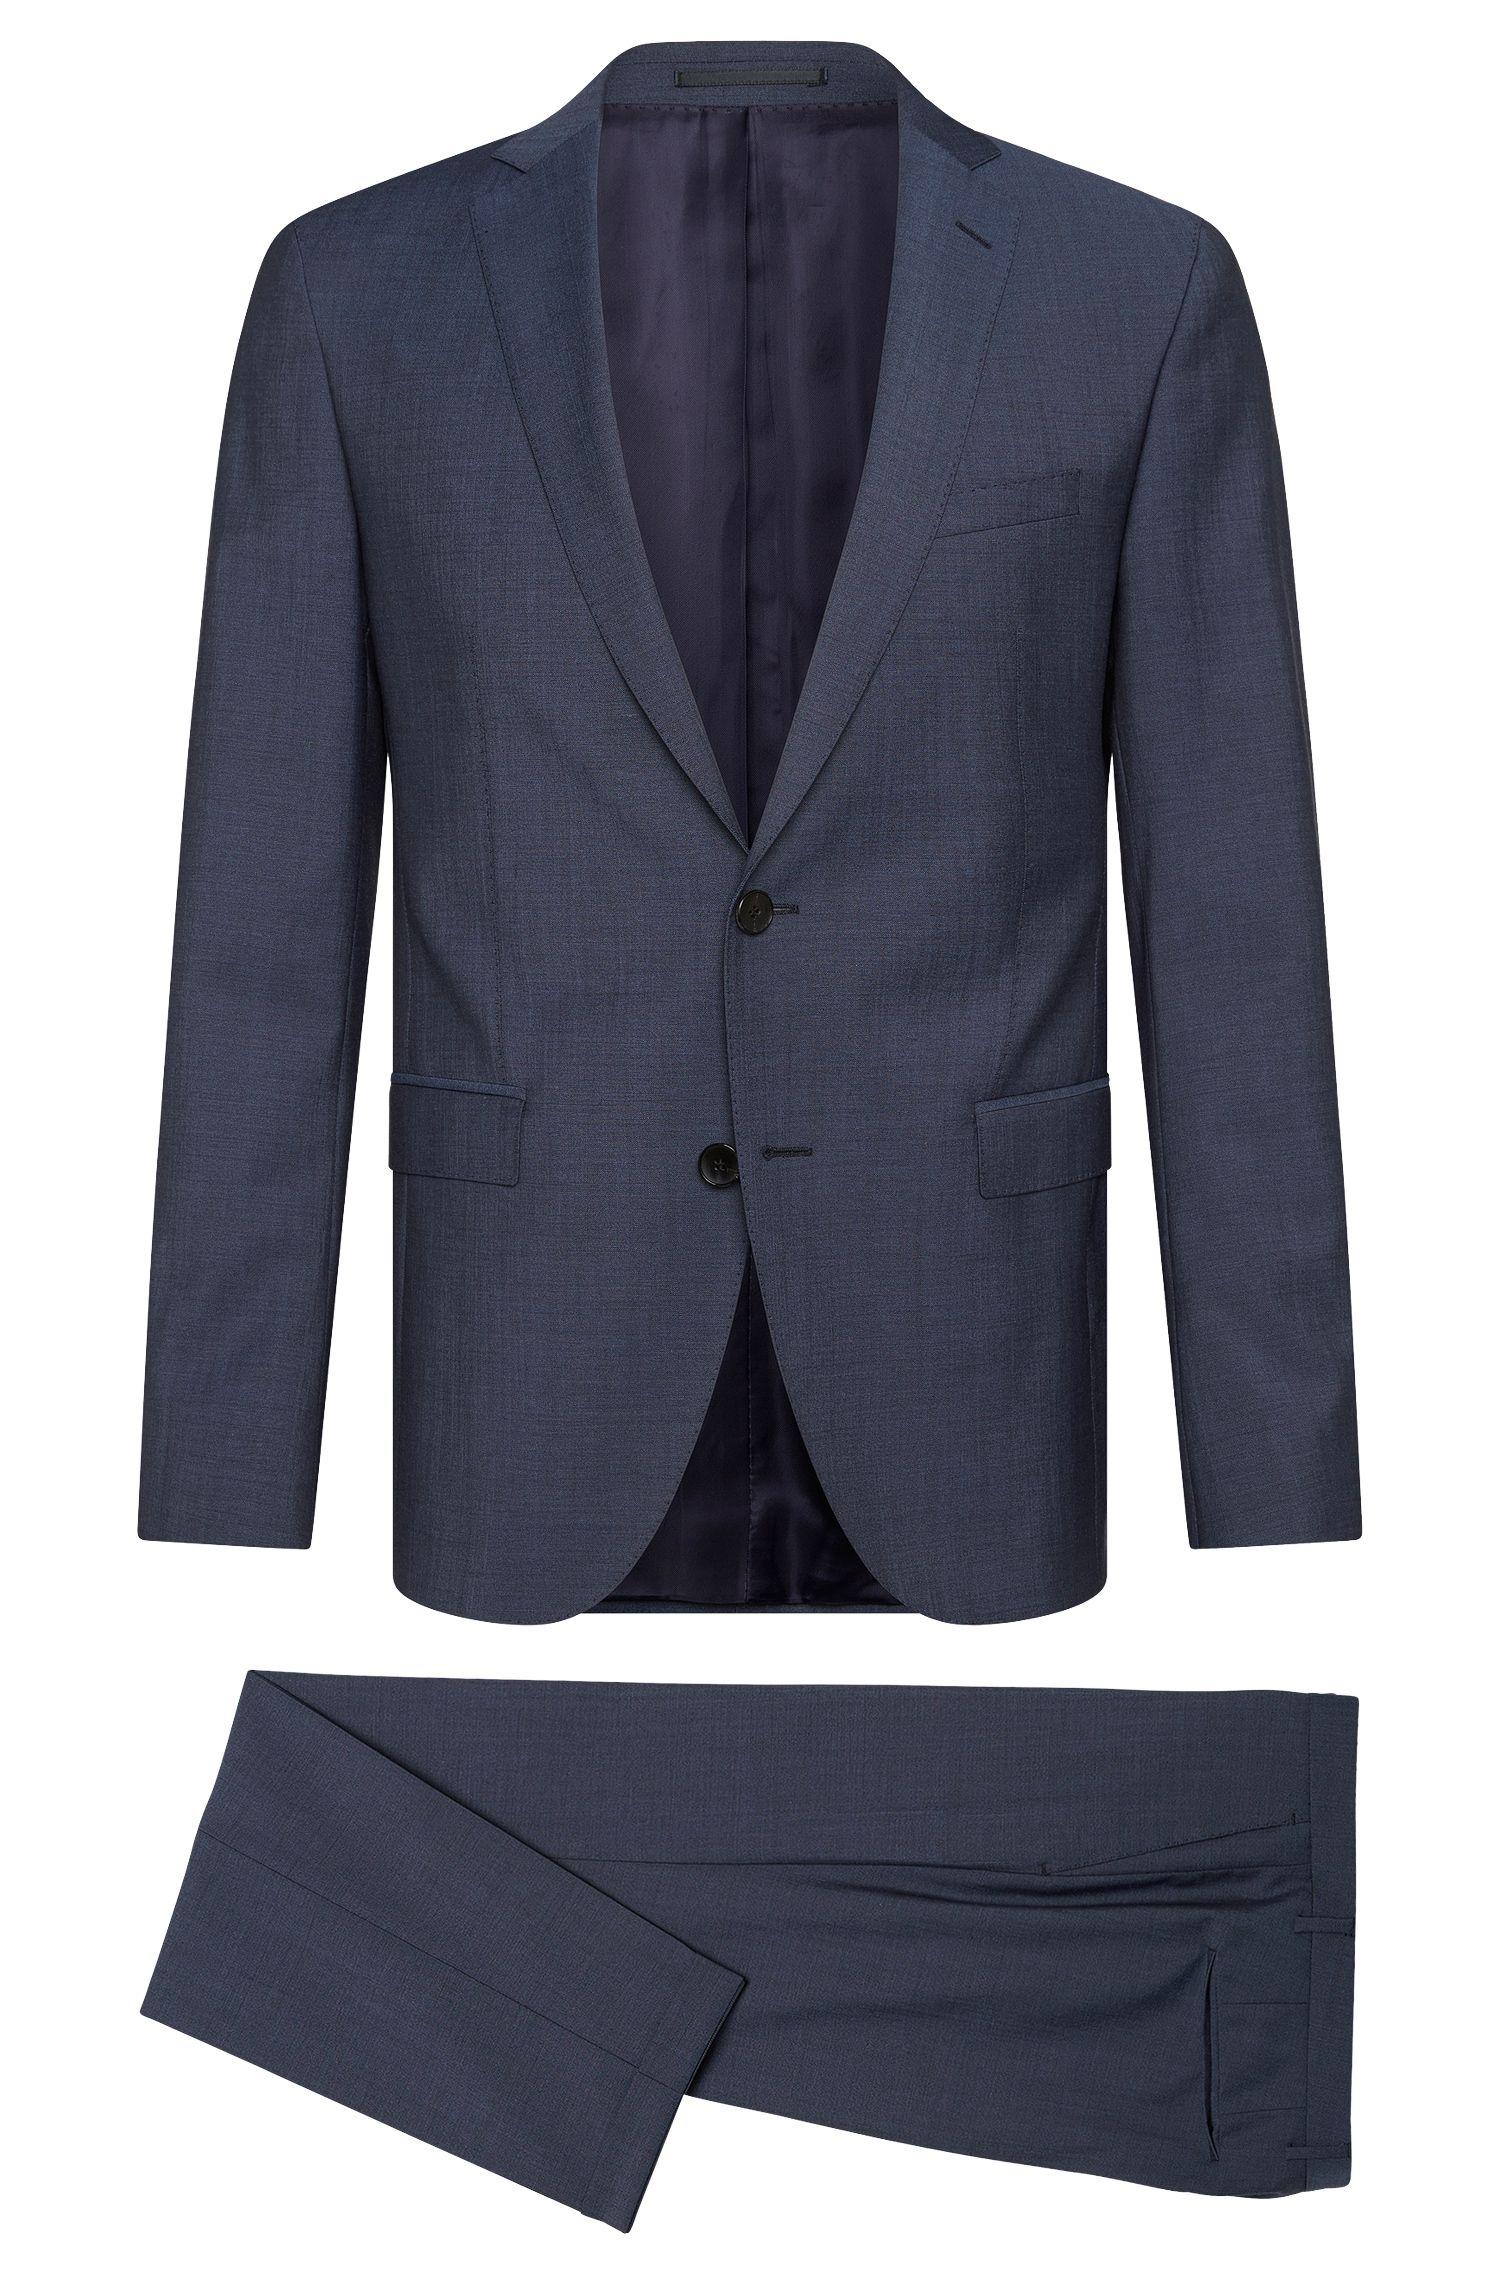 Virgin Wool-Mohair Blend Suit, Extra-Slim Fit | Reyno/Wave